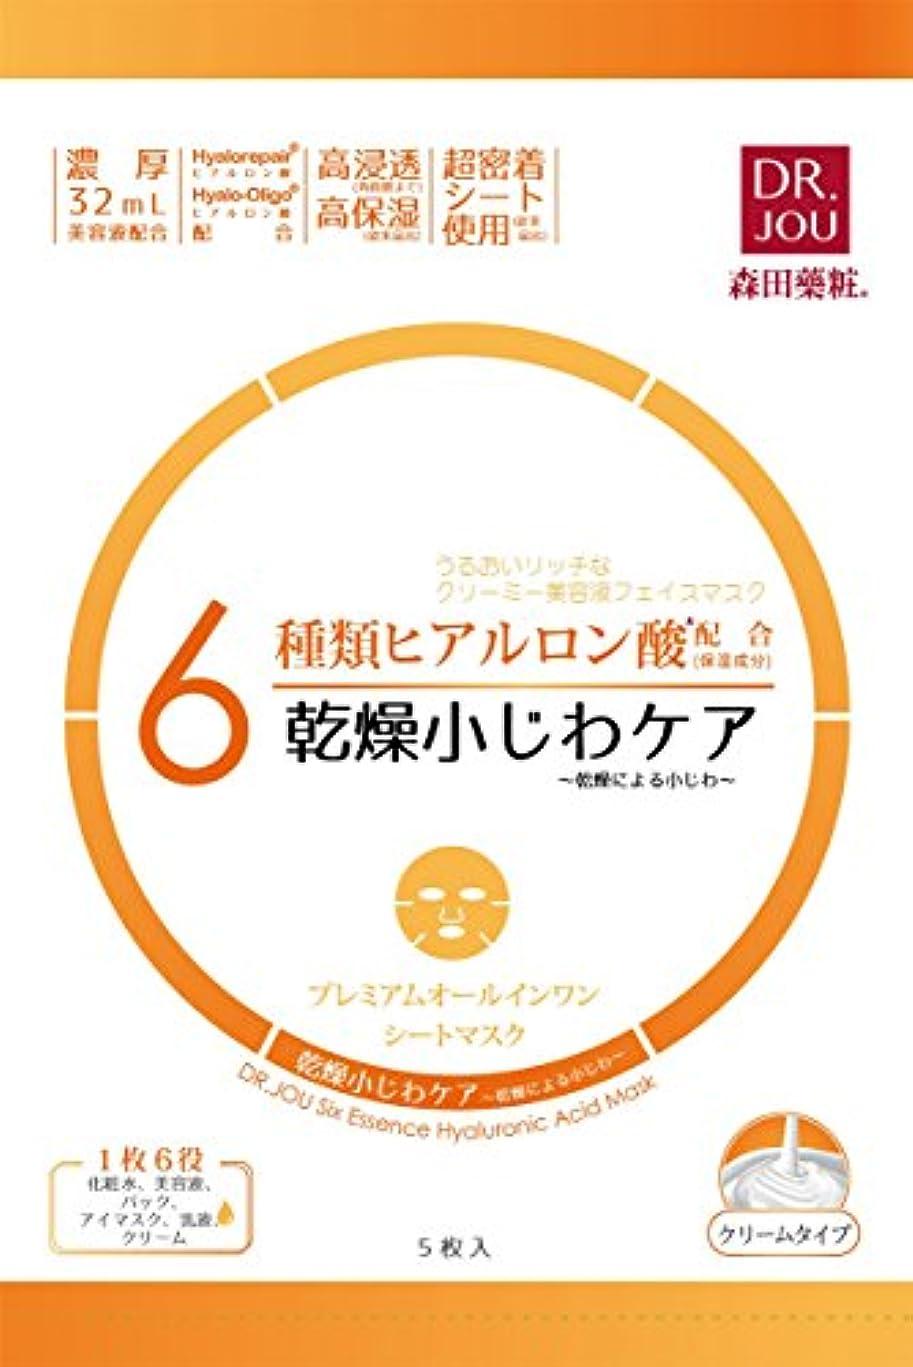 謝罪する飢饉解説Dr.JOU 6種ヒアルロン酸プレミアムオールインワンマスク 乾燥小じわケア 5枚